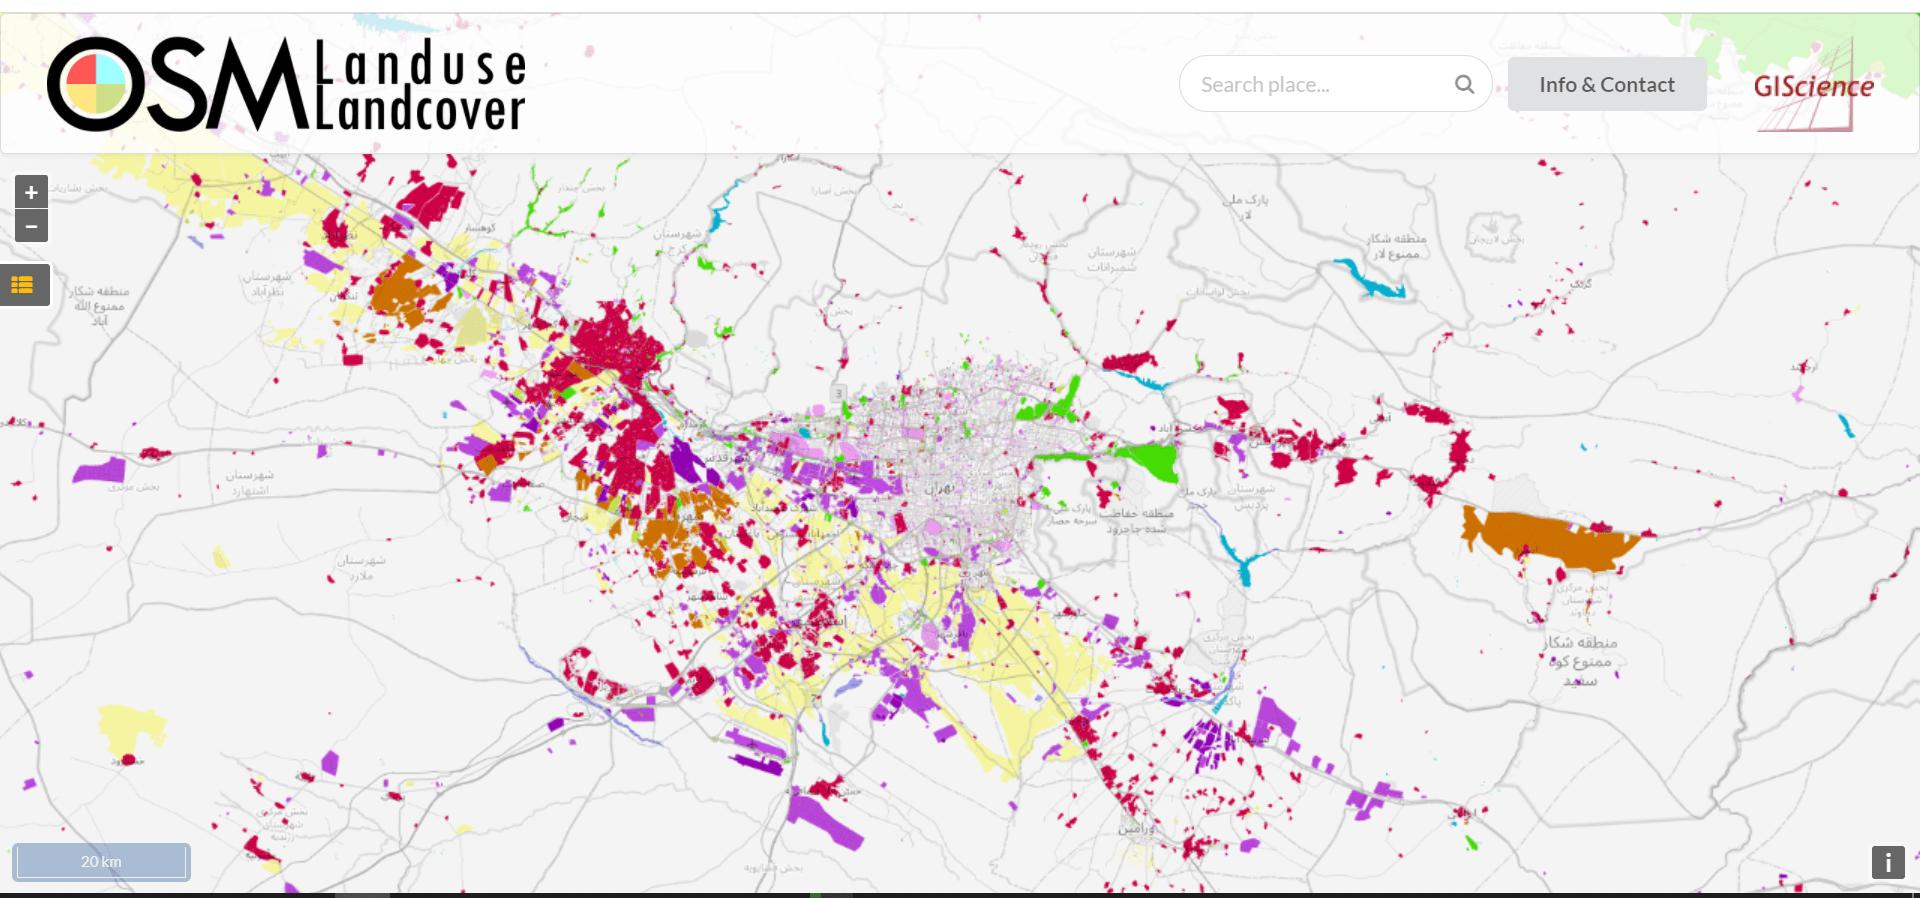 دانلود نقشه پوشش زمین در وبسایت OSM Land Use Data